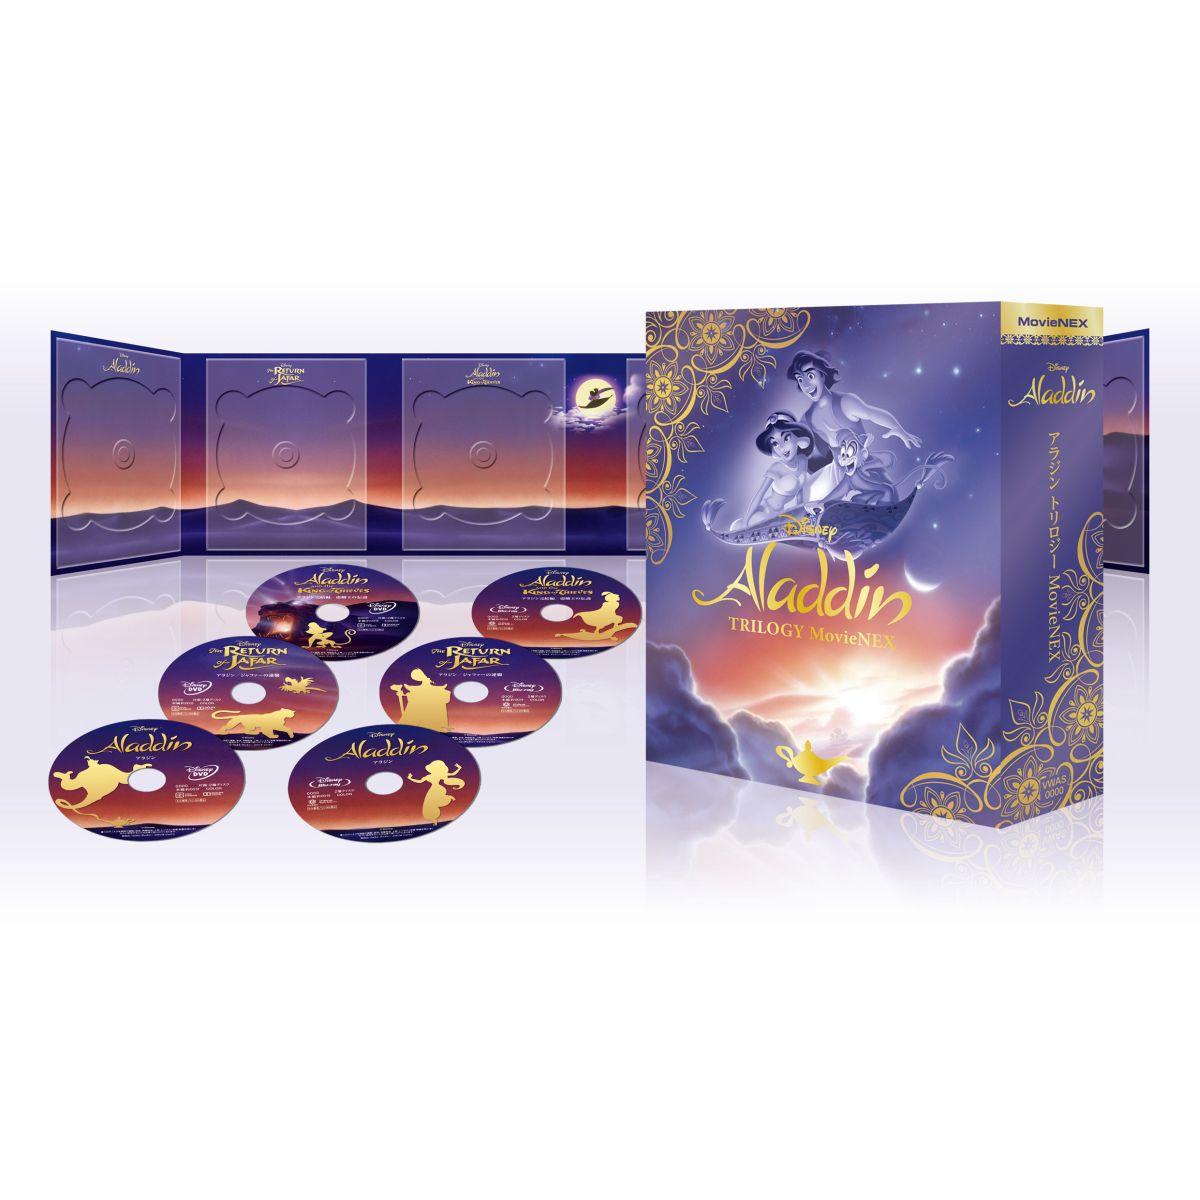 アラジン トリロジー MovieNEX[VWAS-6157][Blu-ray/ブルーレイ] 製品画像